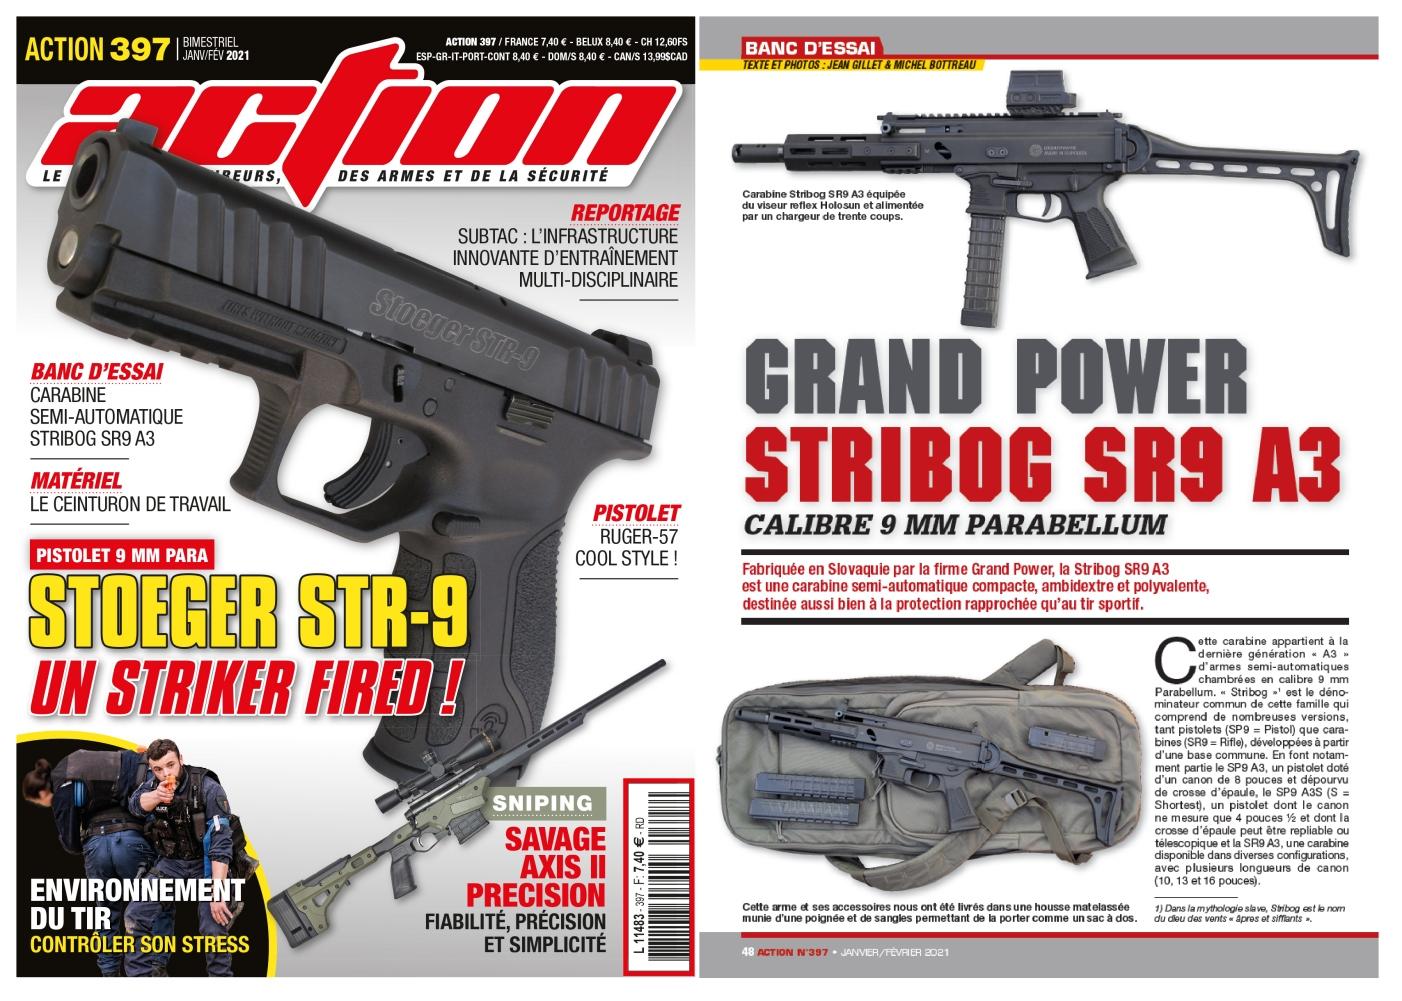 Le banc d'essai de la carabine Grand Power Stribog SR9 A3 a été publié sur 6 pages dans le magazine Action n°397 (janvier/février 2021)